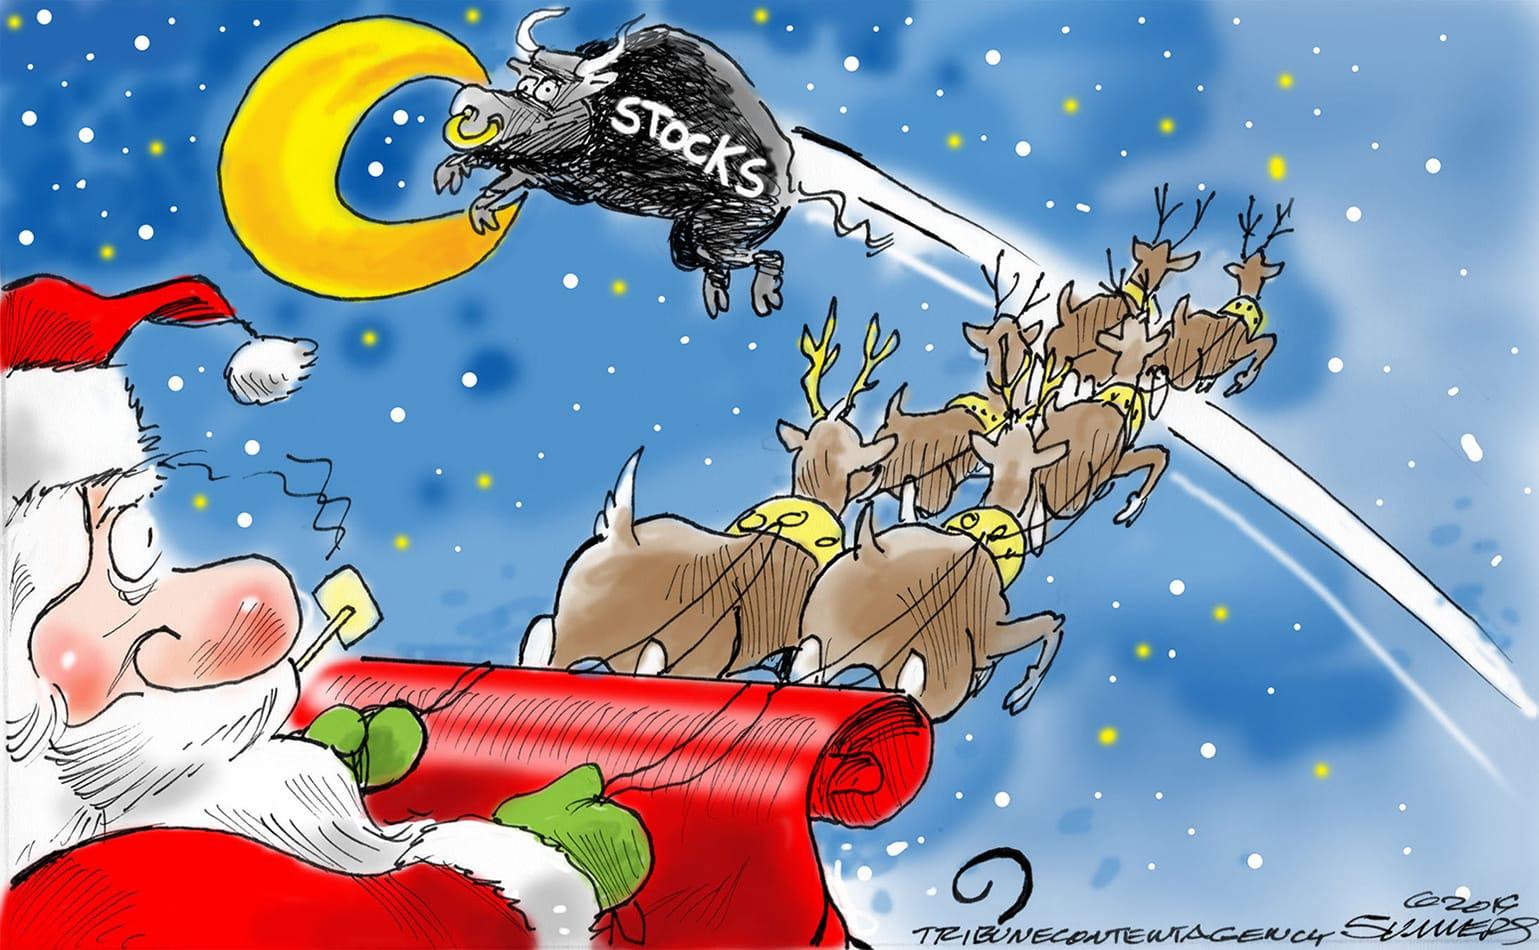 Dec. 21: Wall Street